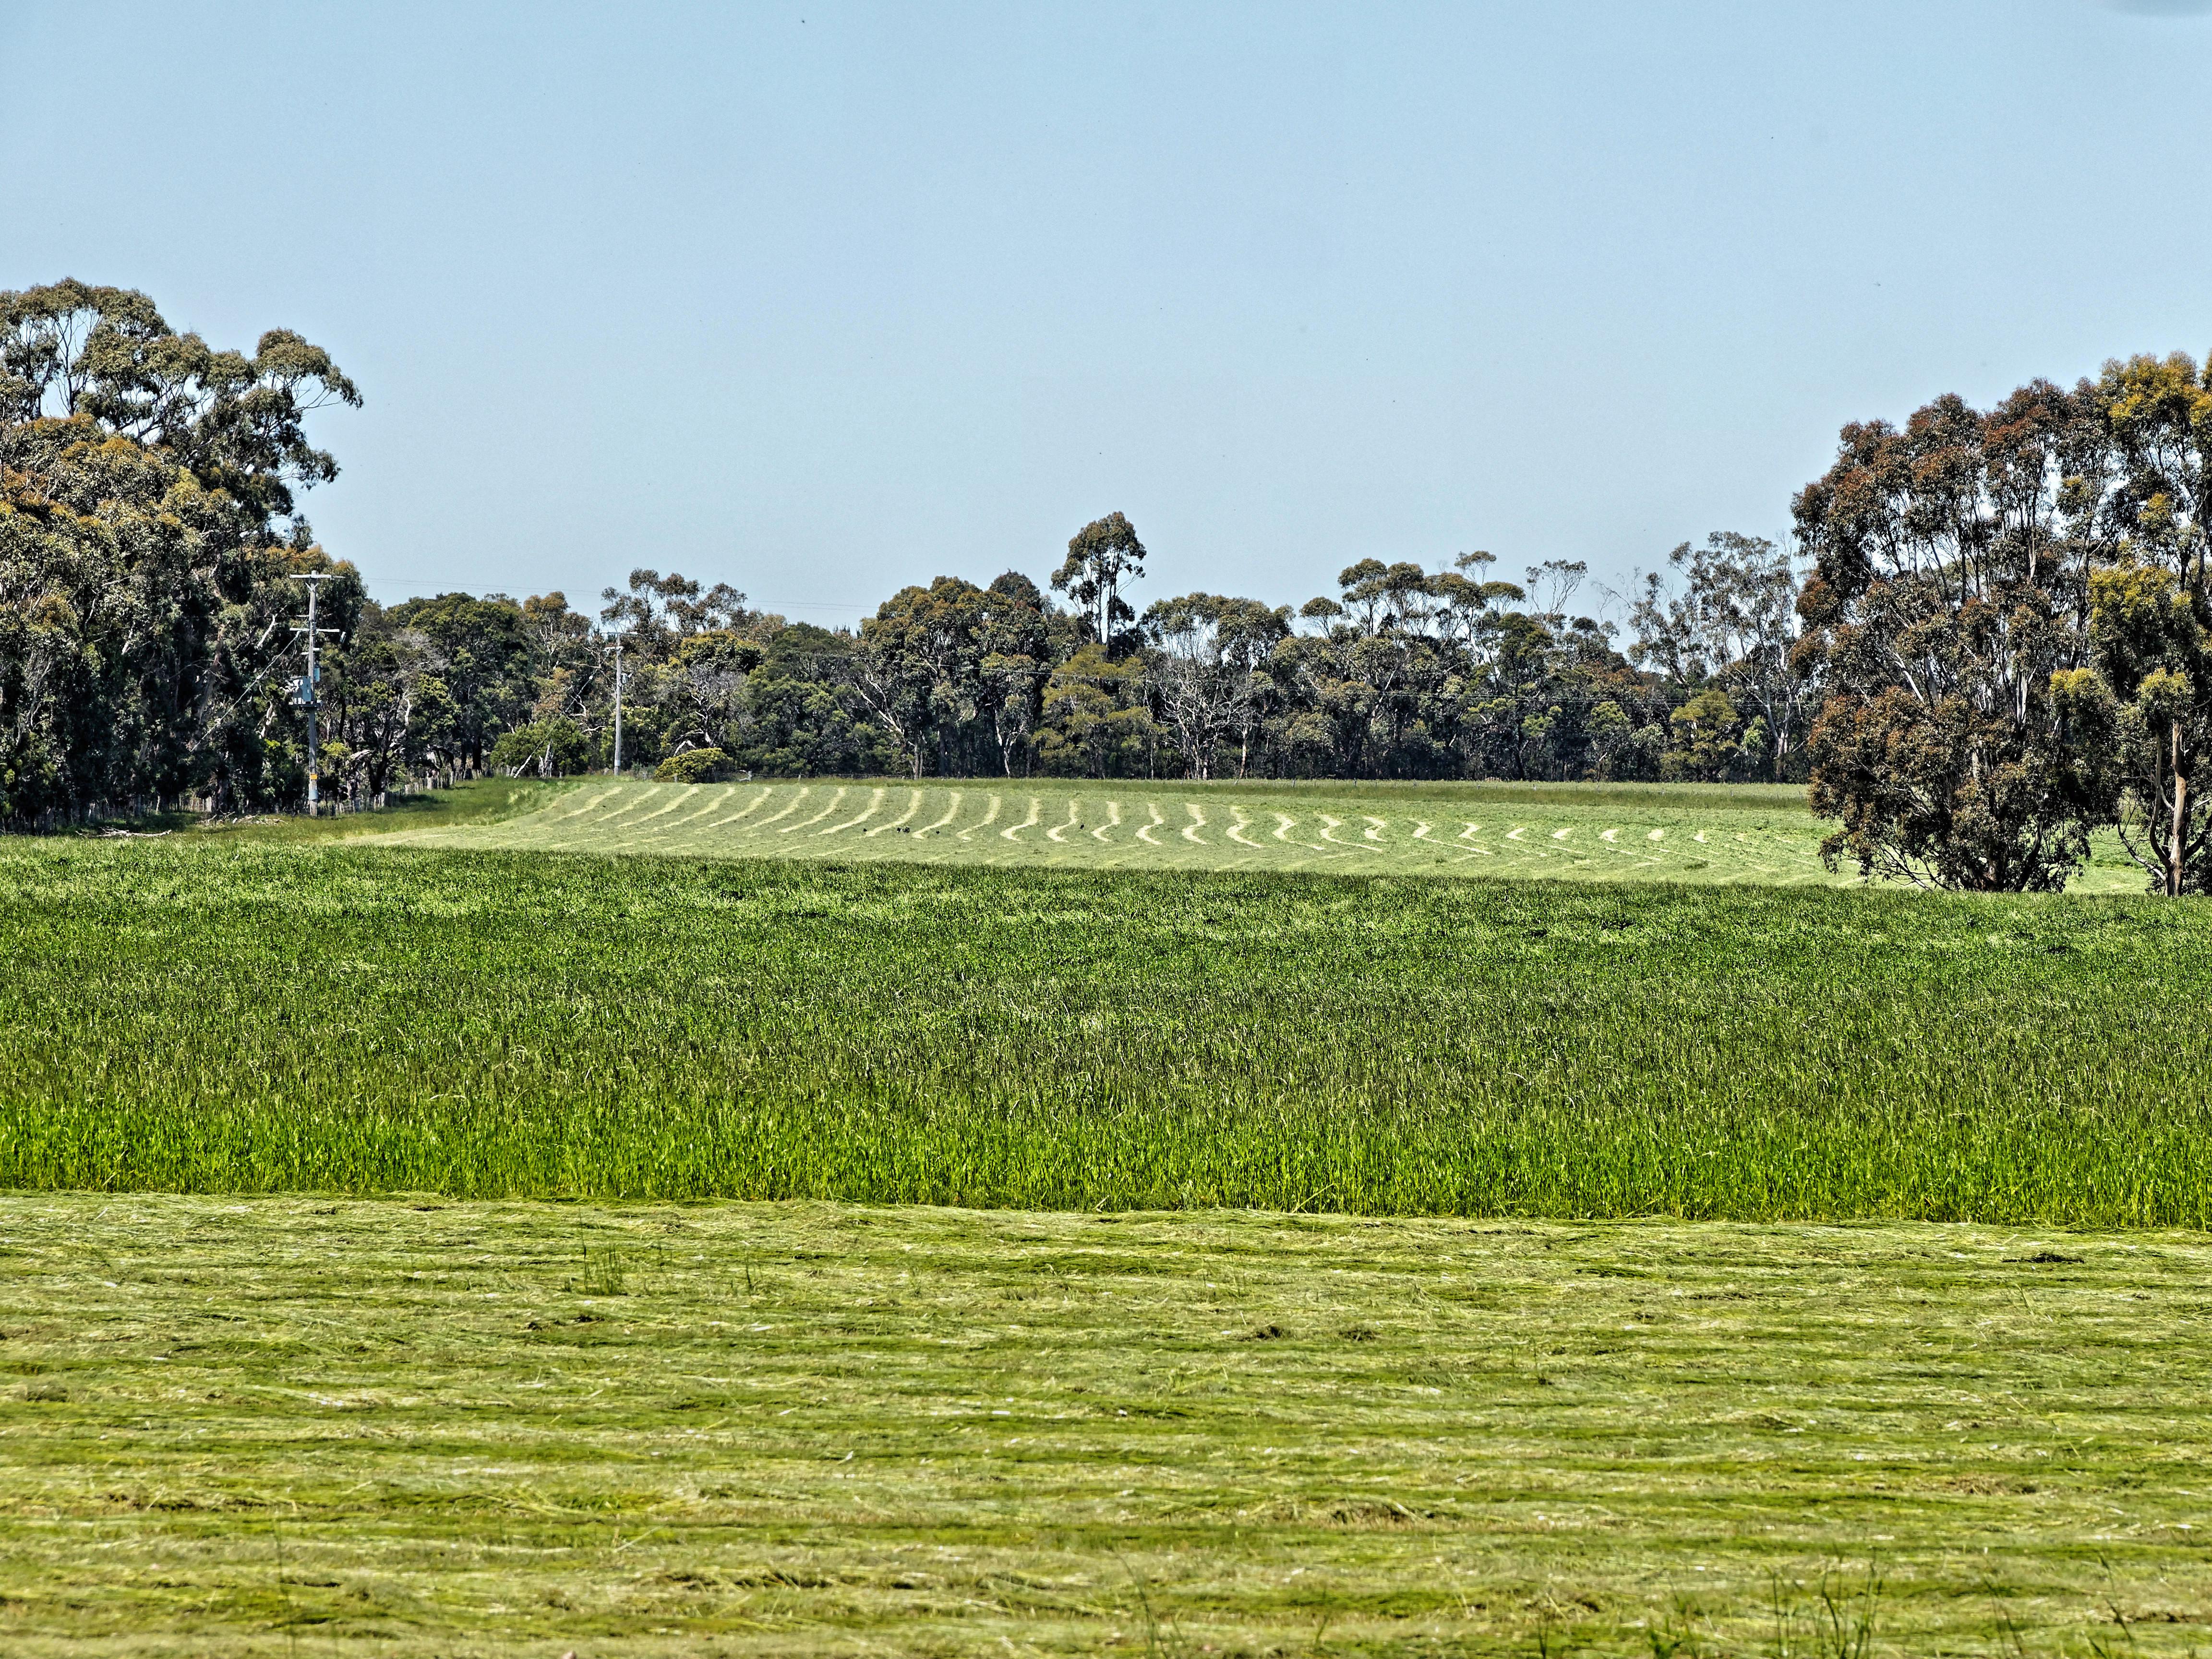 Mowing-hay.jpeg